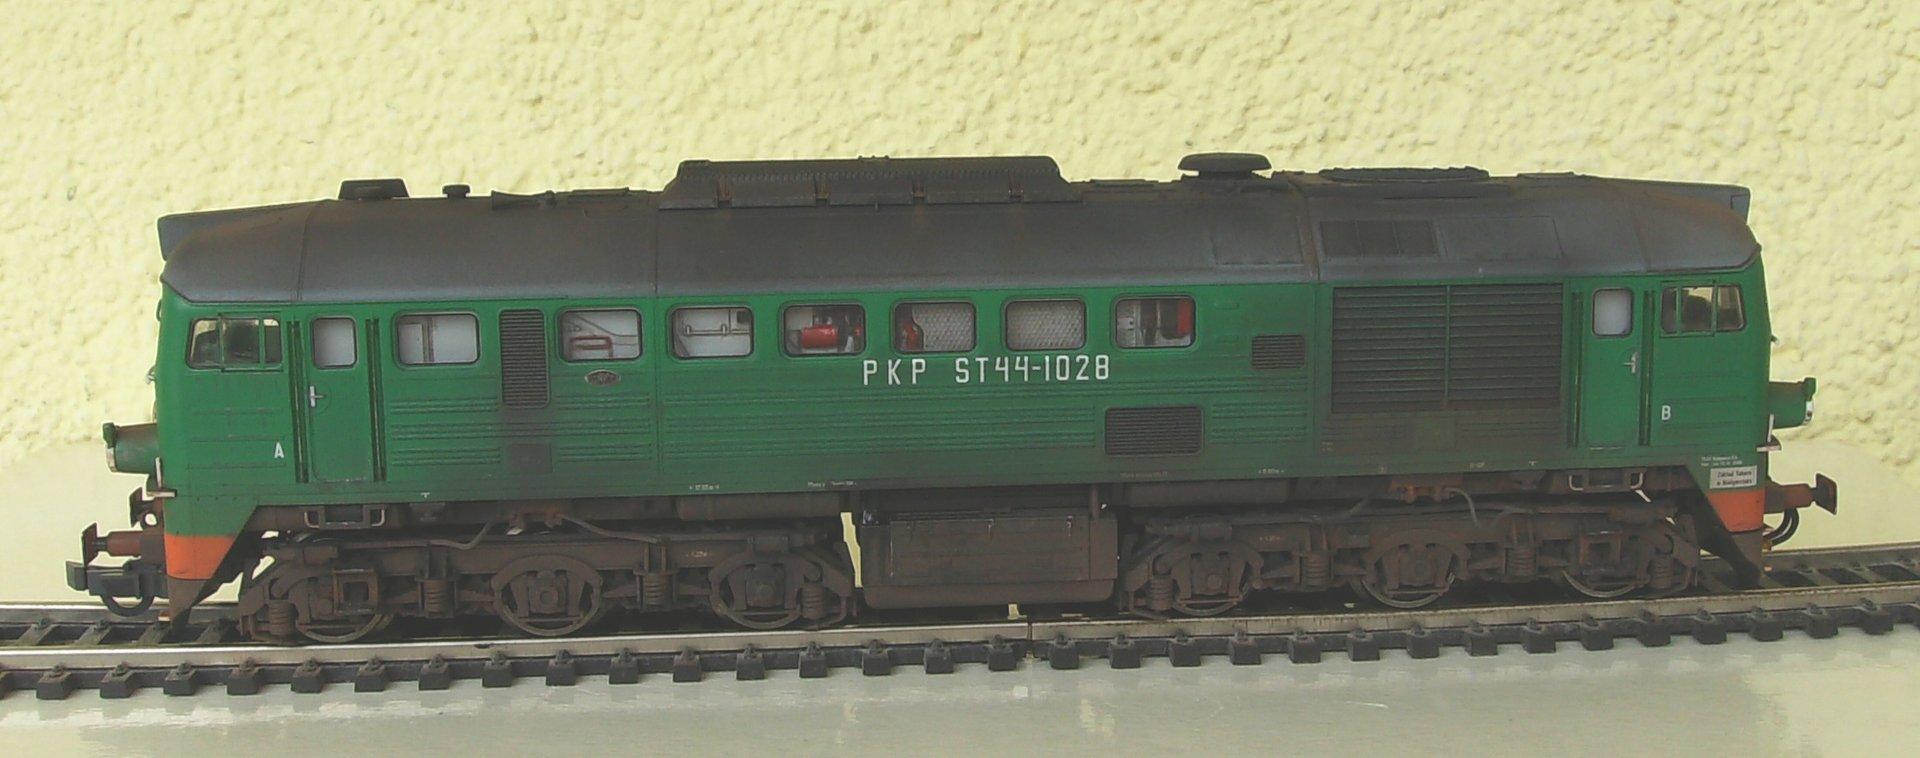 HPIM9201.JPG